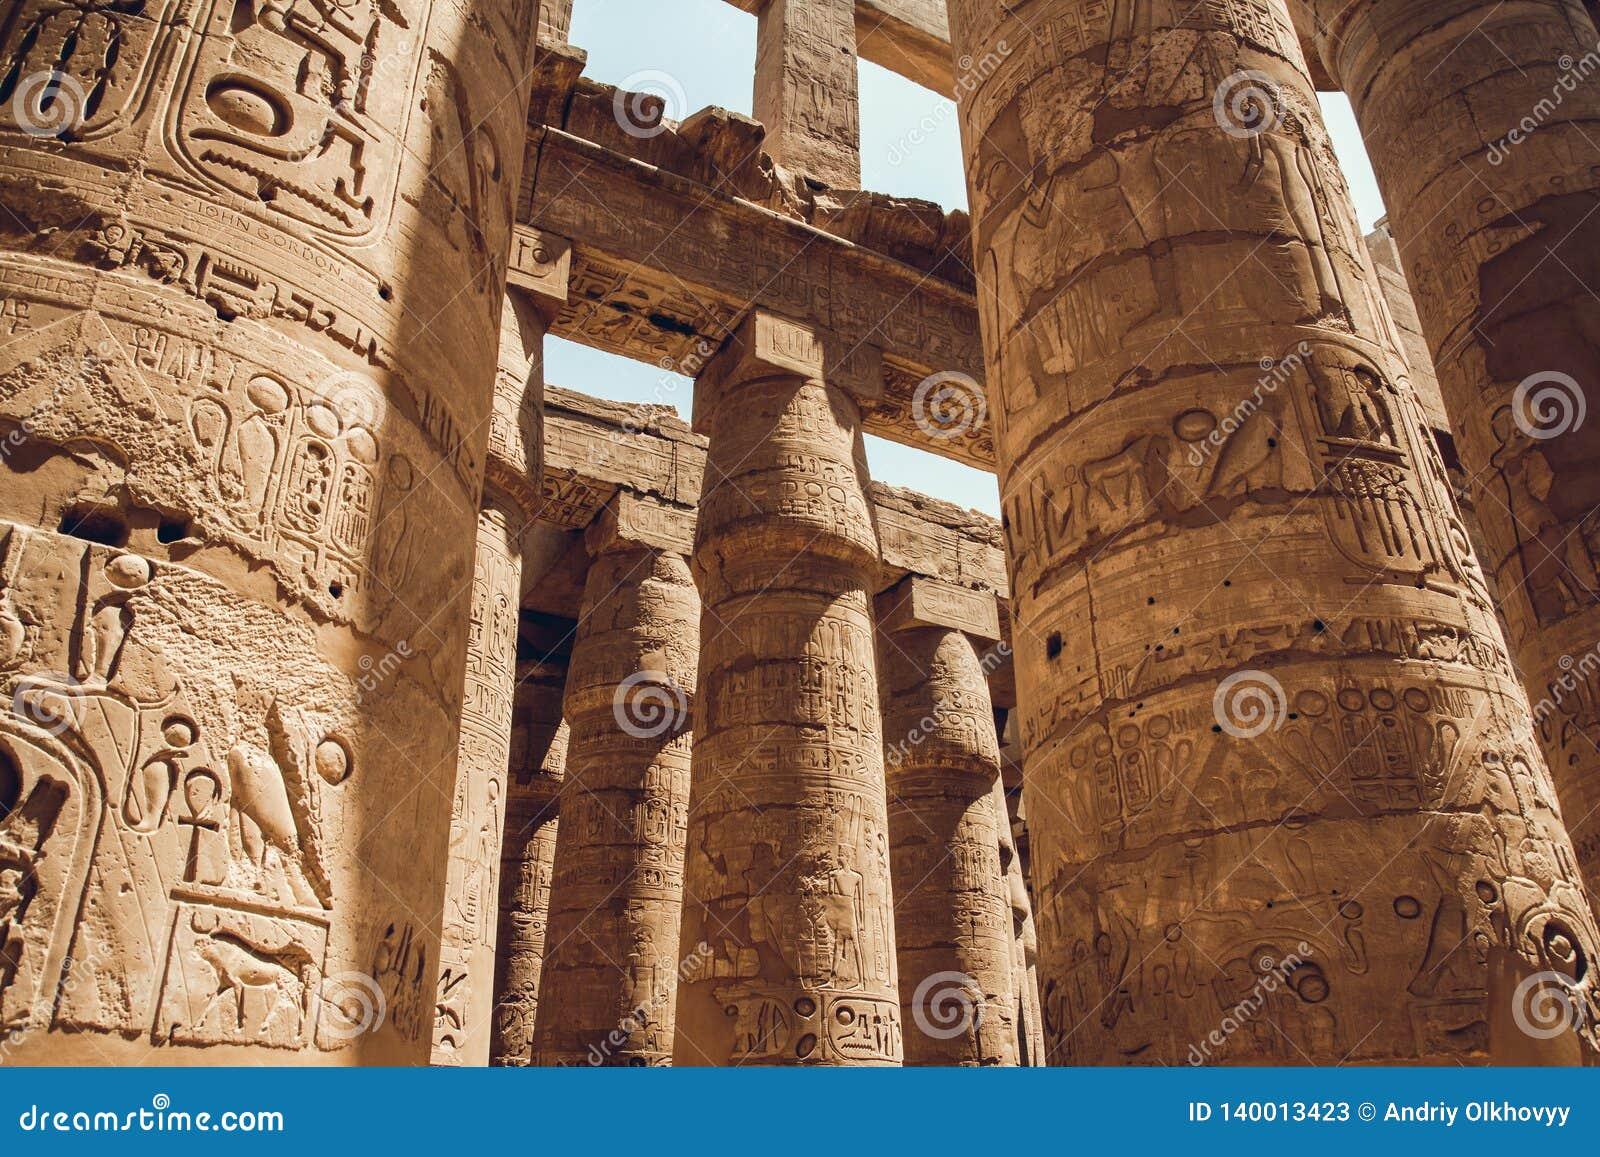 Colunas com hieróglifos no templo de Karnak em Luxor, Egito Curso